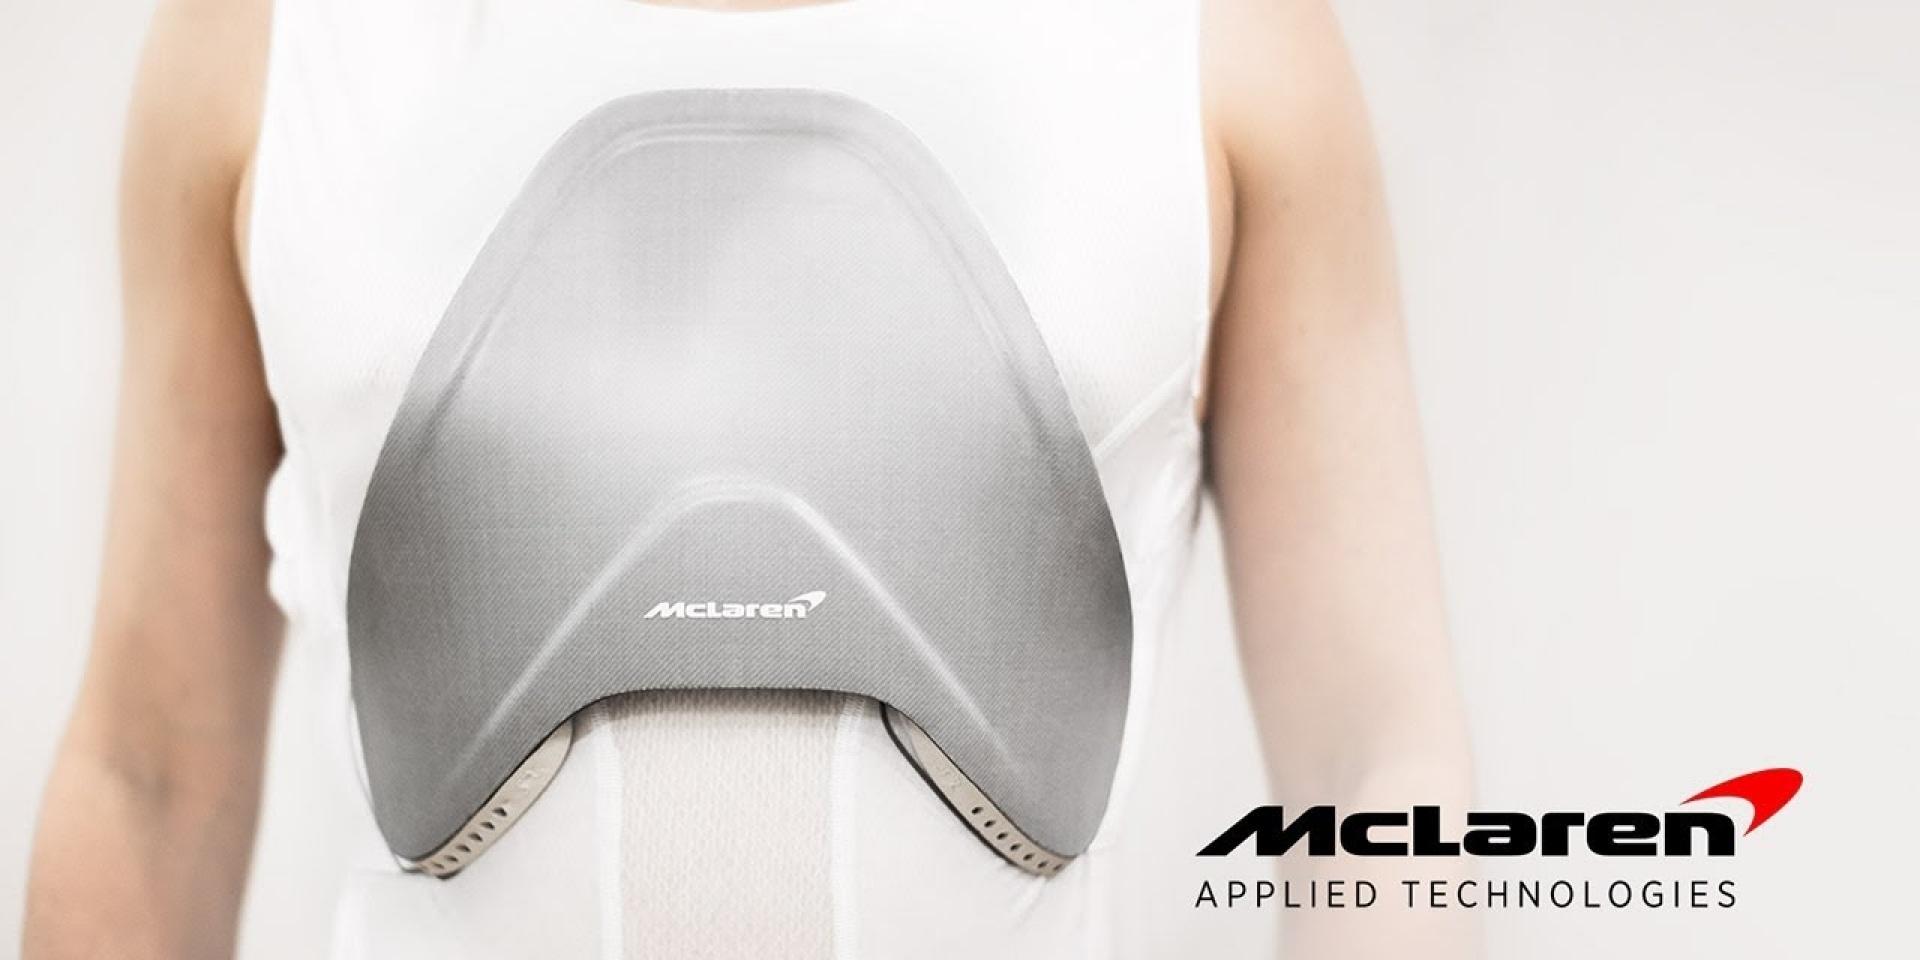 採用F1技術。McLaren無敵護甲